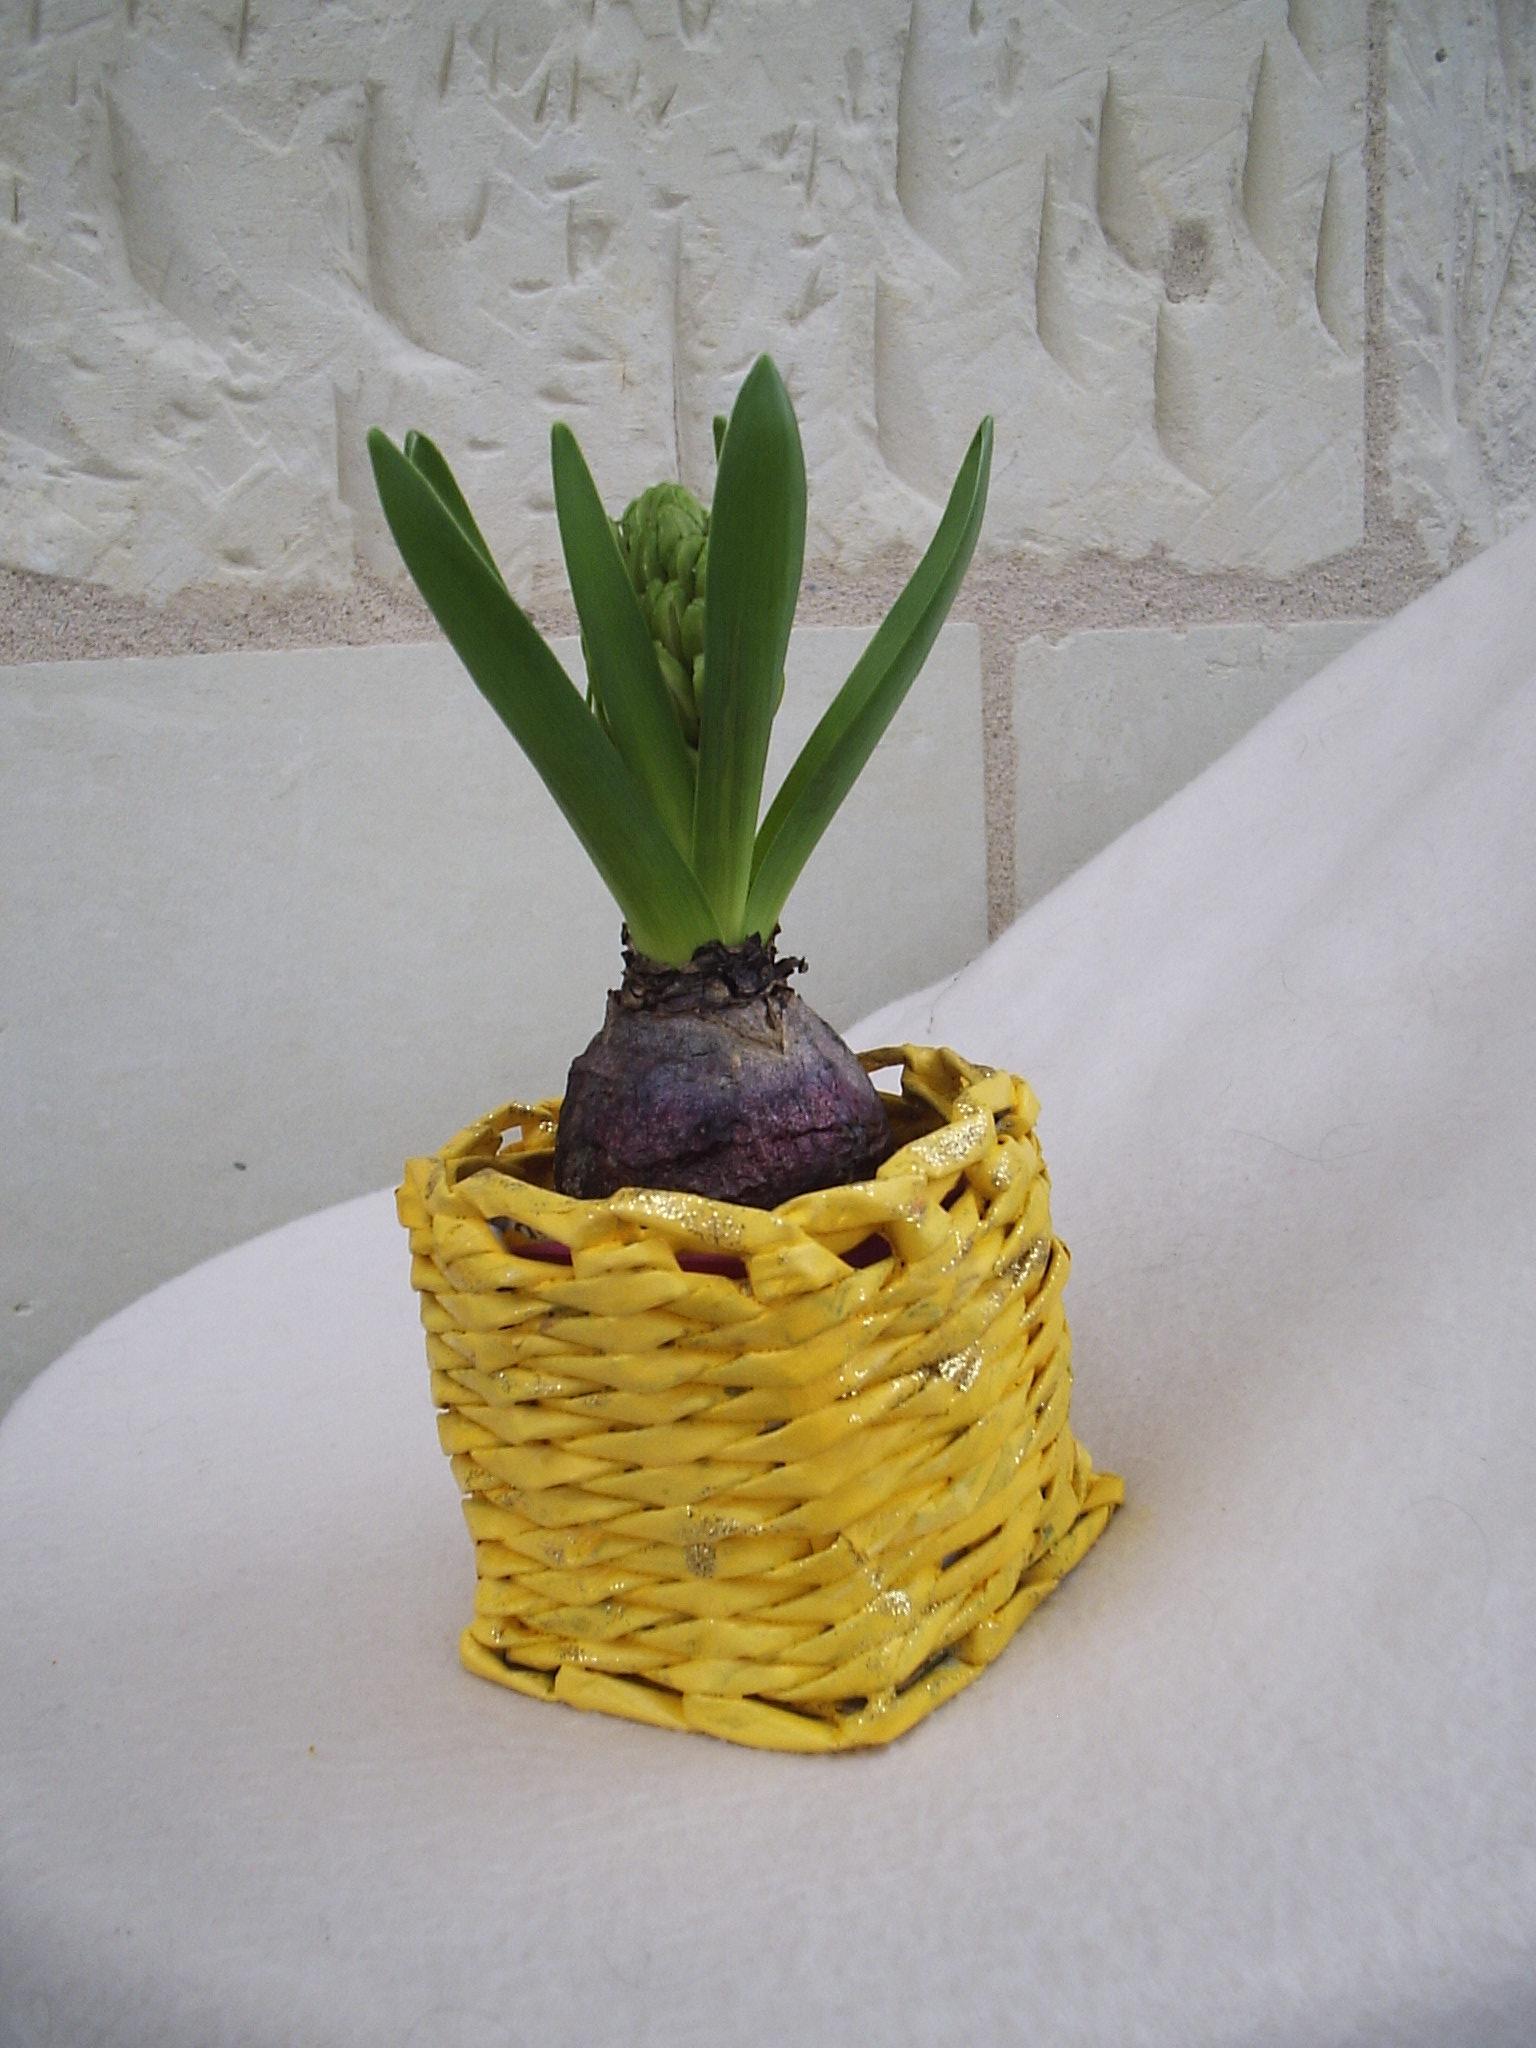 cache pot tress avec du papier journal jaune dor eco vannerie. Black Bedroom Furniture Sets. Home Design Ideas